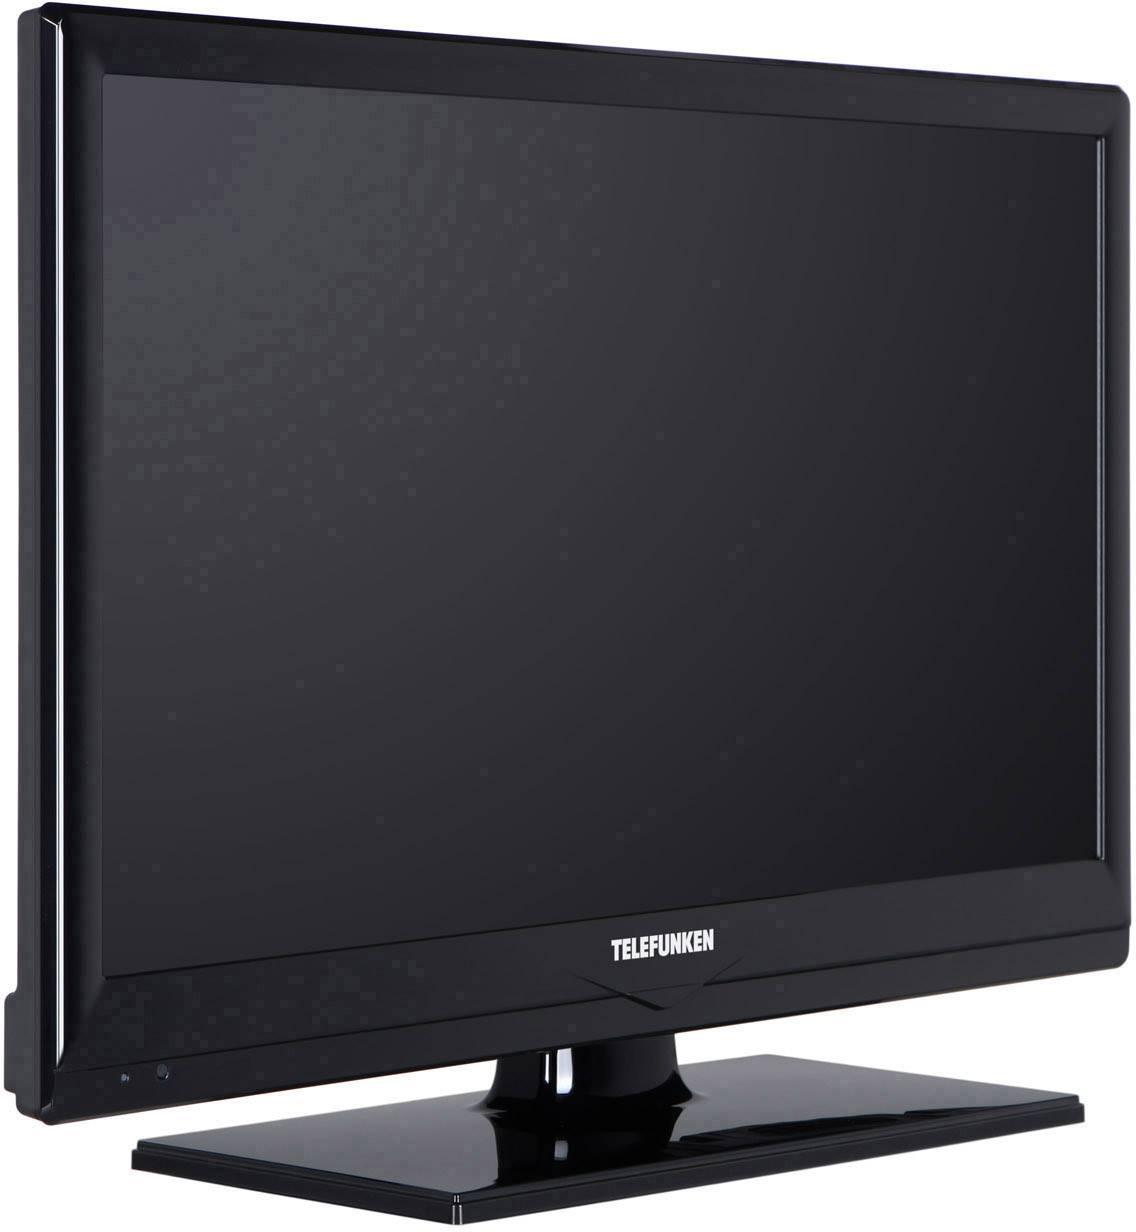 Telefunken B20H342A LED TV 51 cm 20